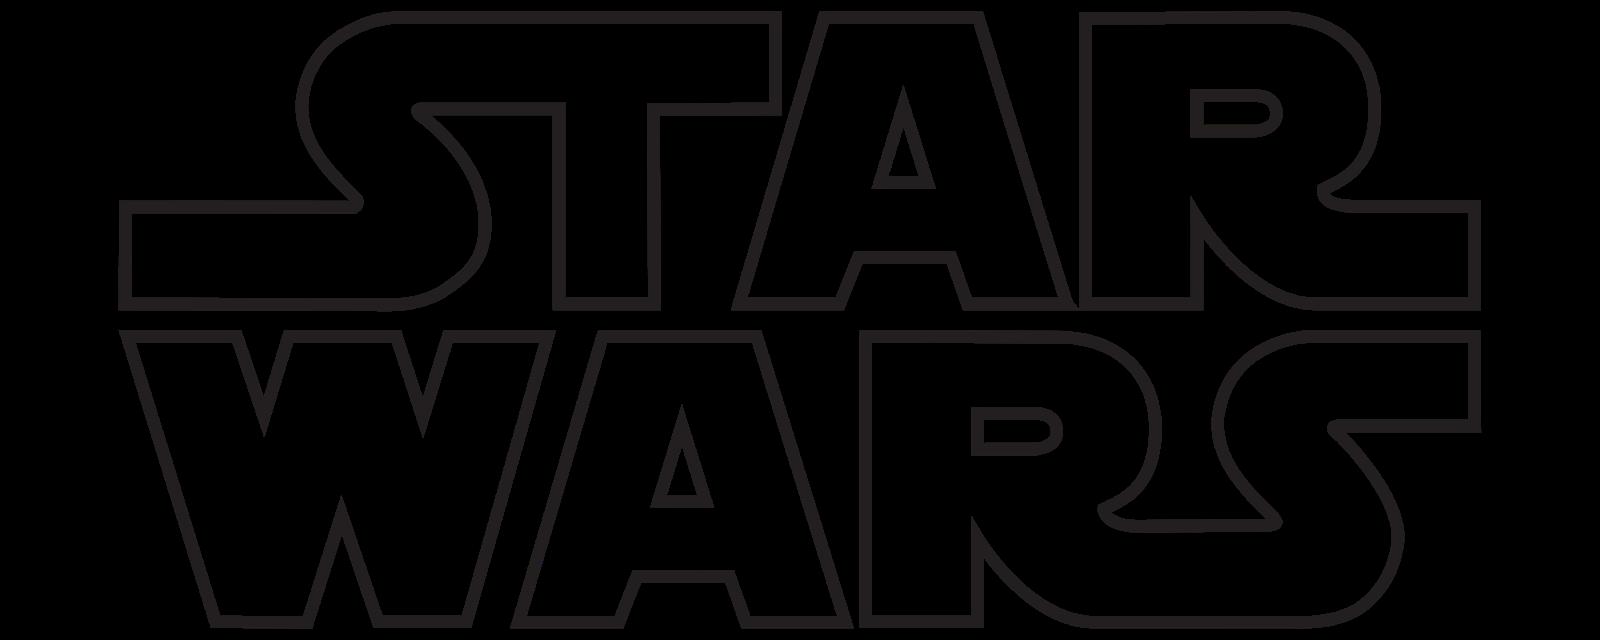 Star wars owl clipart download Resultado de imagem para darth vader molde | Star Wars | Pinterest download